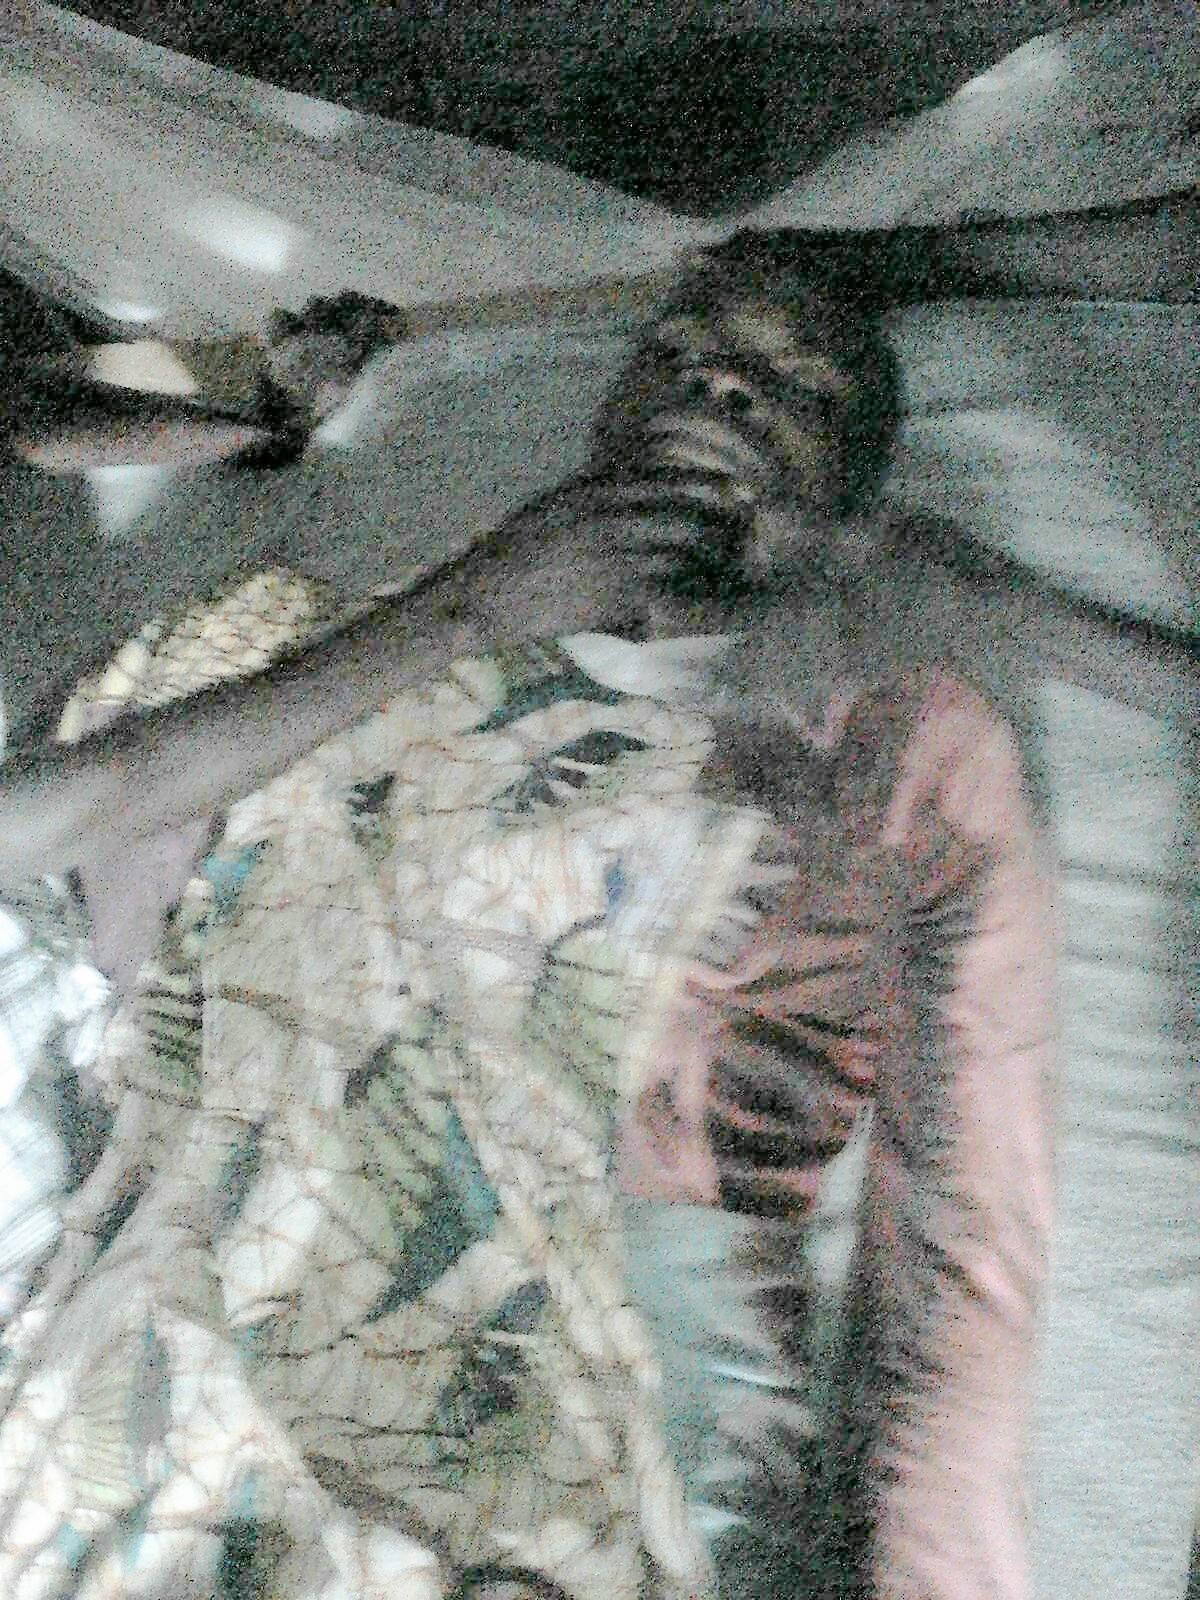 Kafulo-Baraka : Un motard qui répond au nom de kalala Assa Wamwala  a été tué ce samedi dans les affrontements à kafulo entre FARDC et Mai Mai